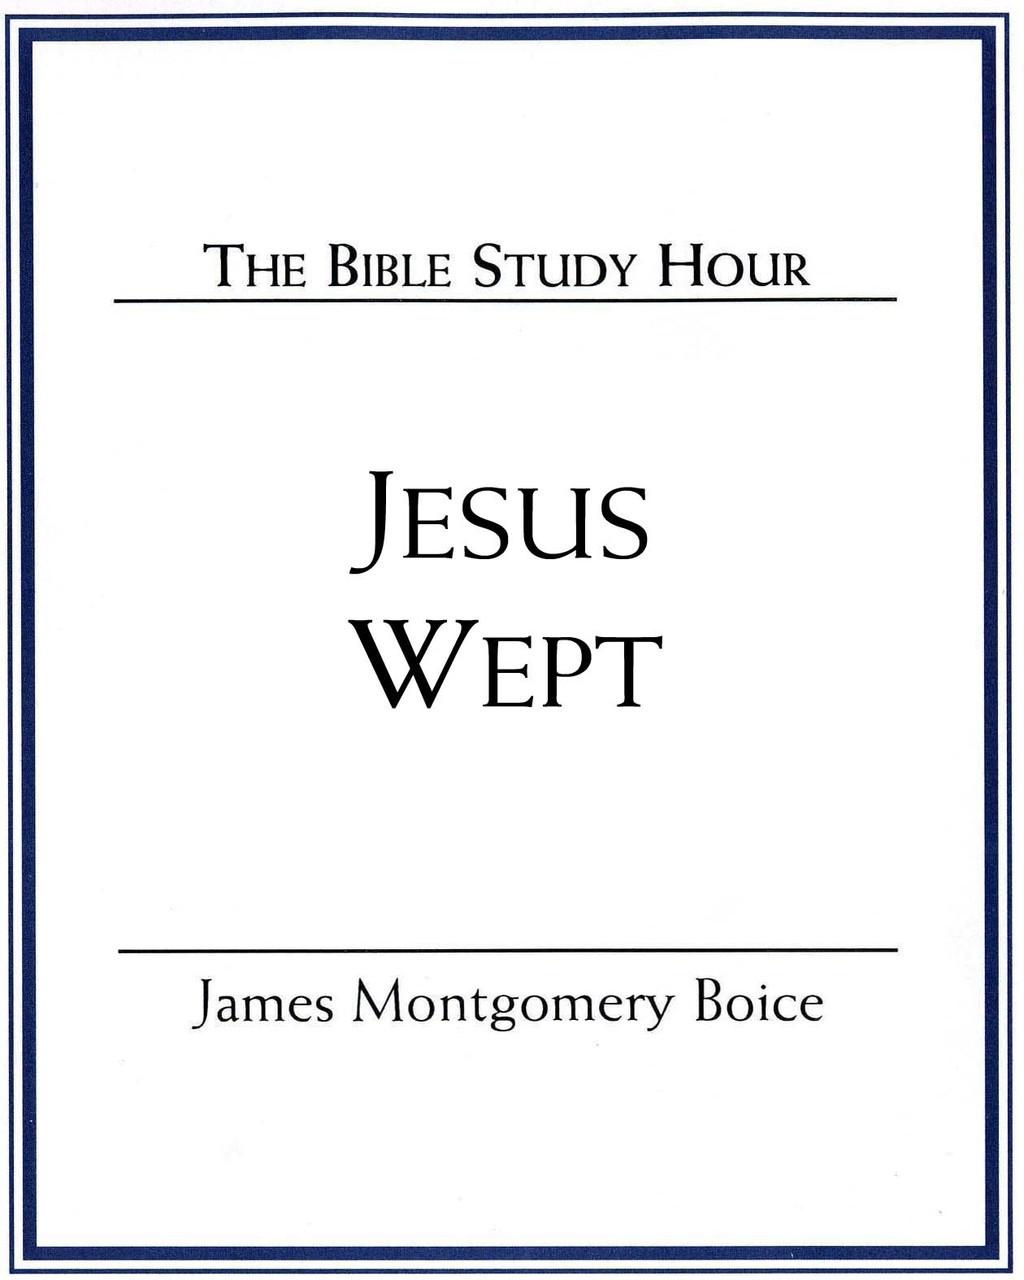 Jesus Wept (CD Set)